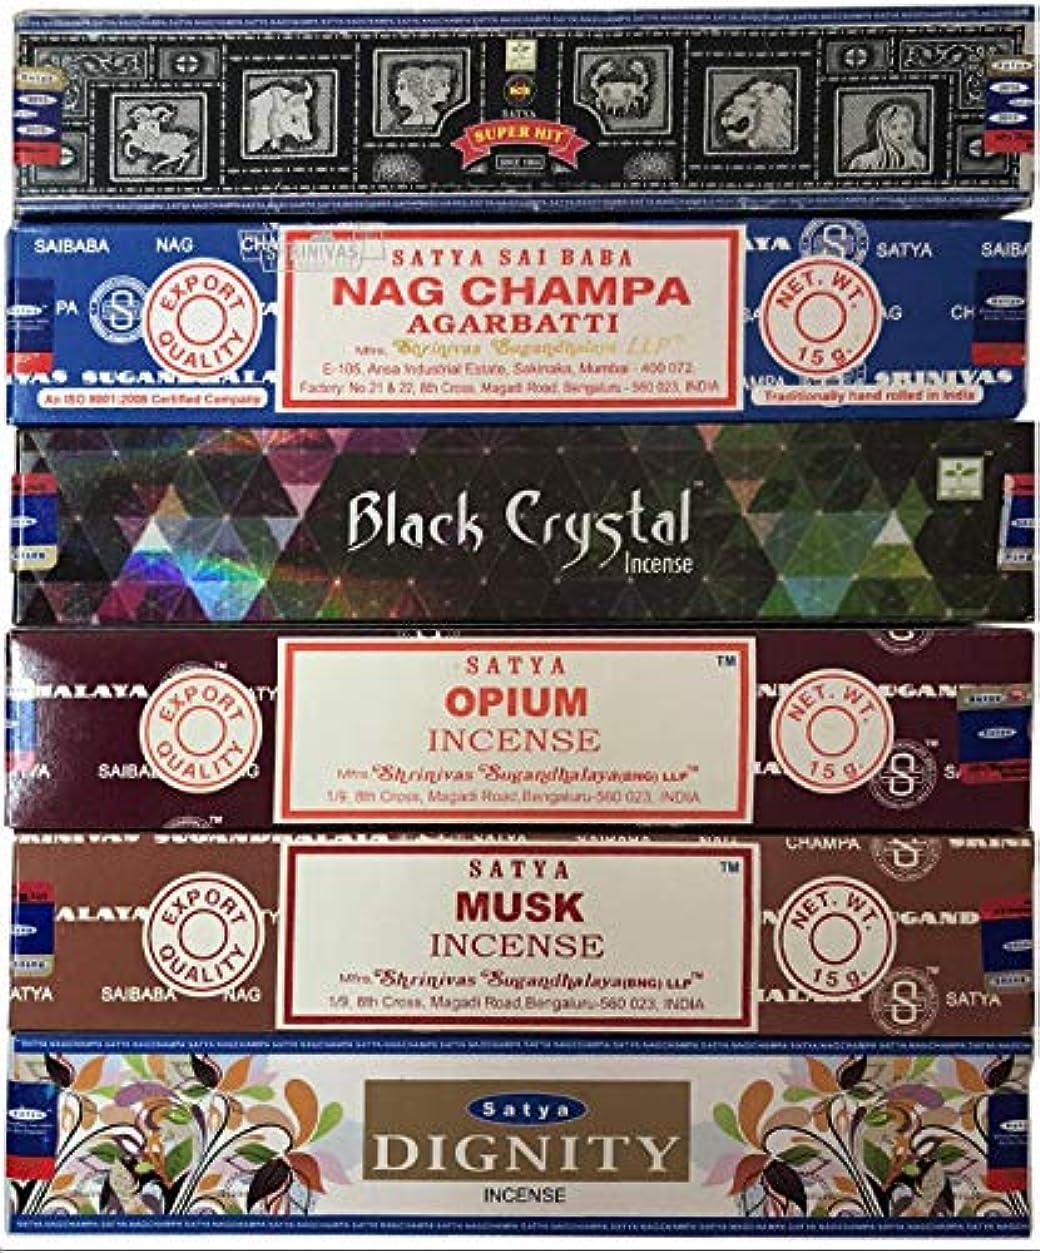 貸し手観光洋服Nag Champa 6ピース バラエティーパック ナグチャンプ スーパーヒット ブラッククリスタル オピウム ムスク ディグニティ